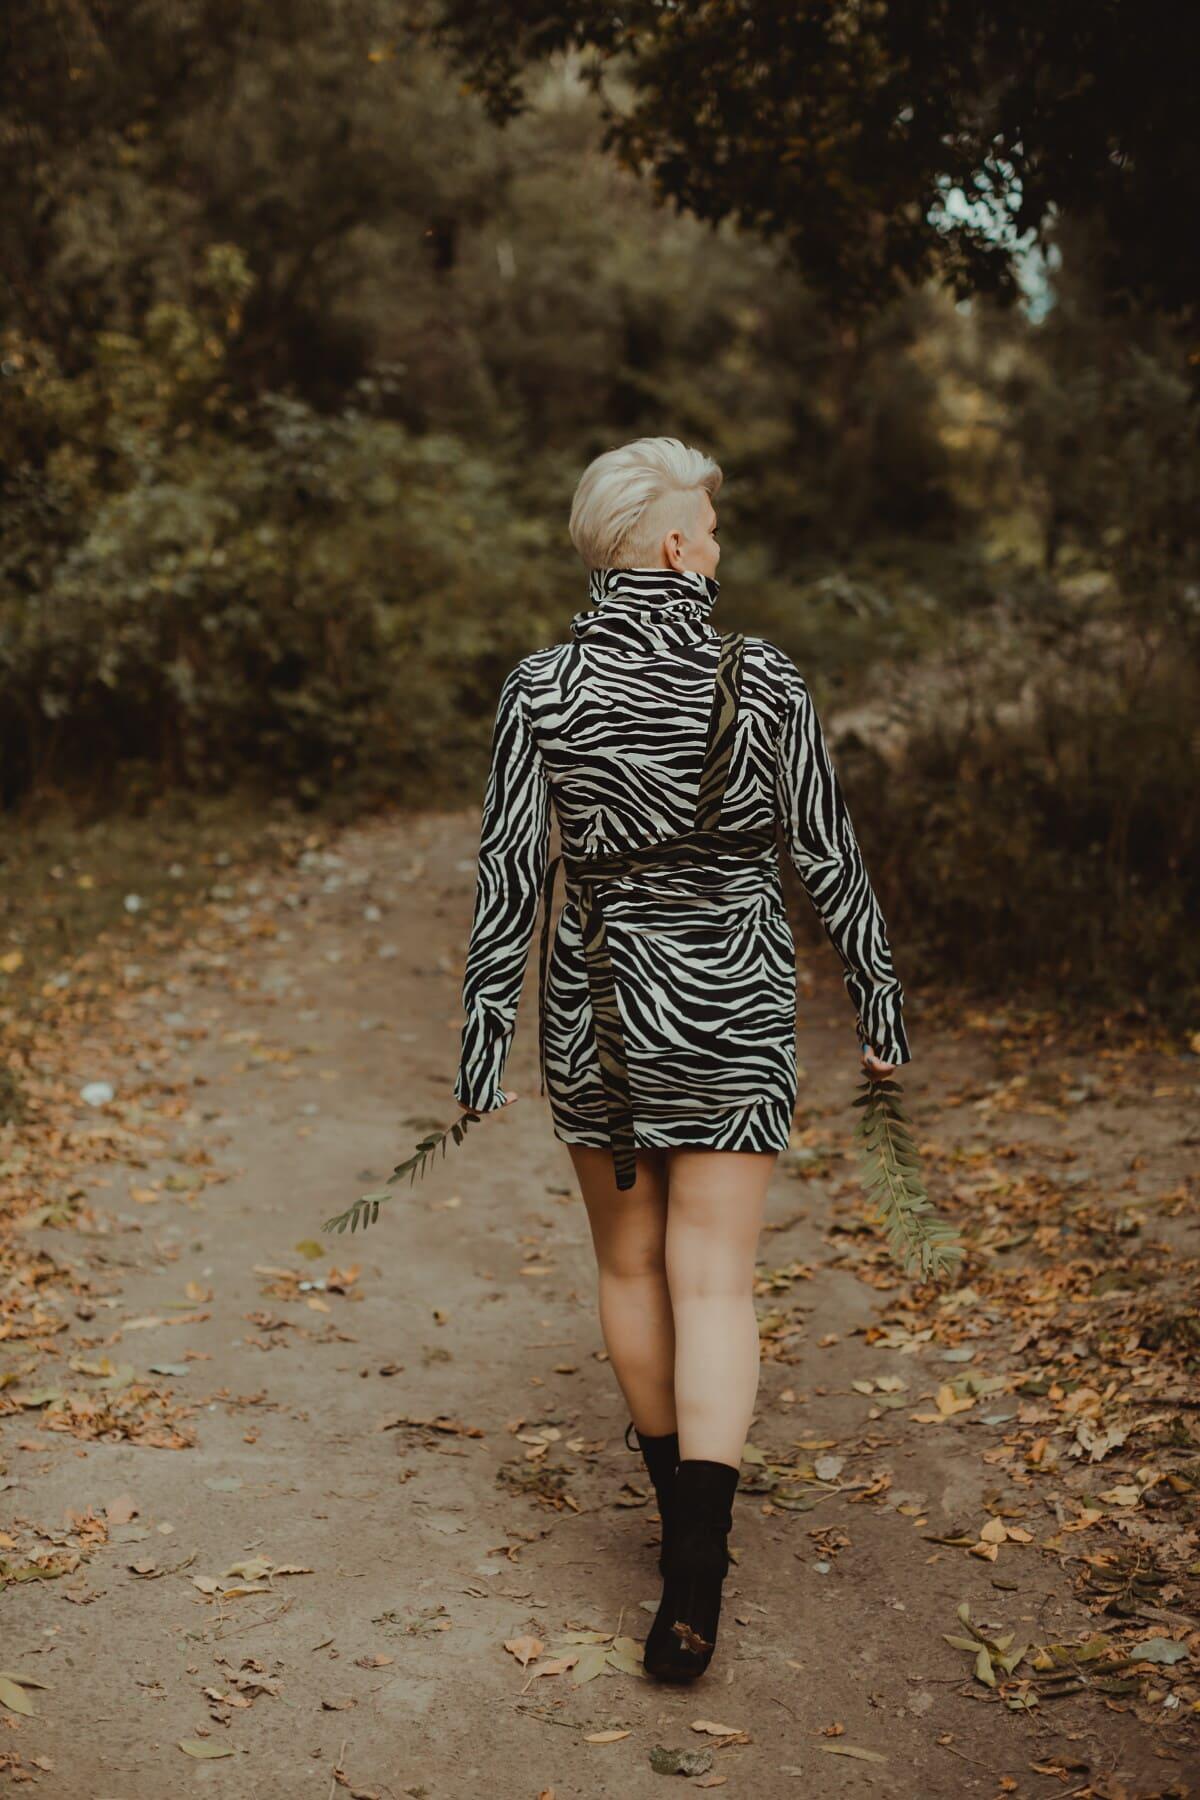 jeune femme, marche, seul, chemin forestier, jeune fille, portrait, modèle, mode, gens, femme